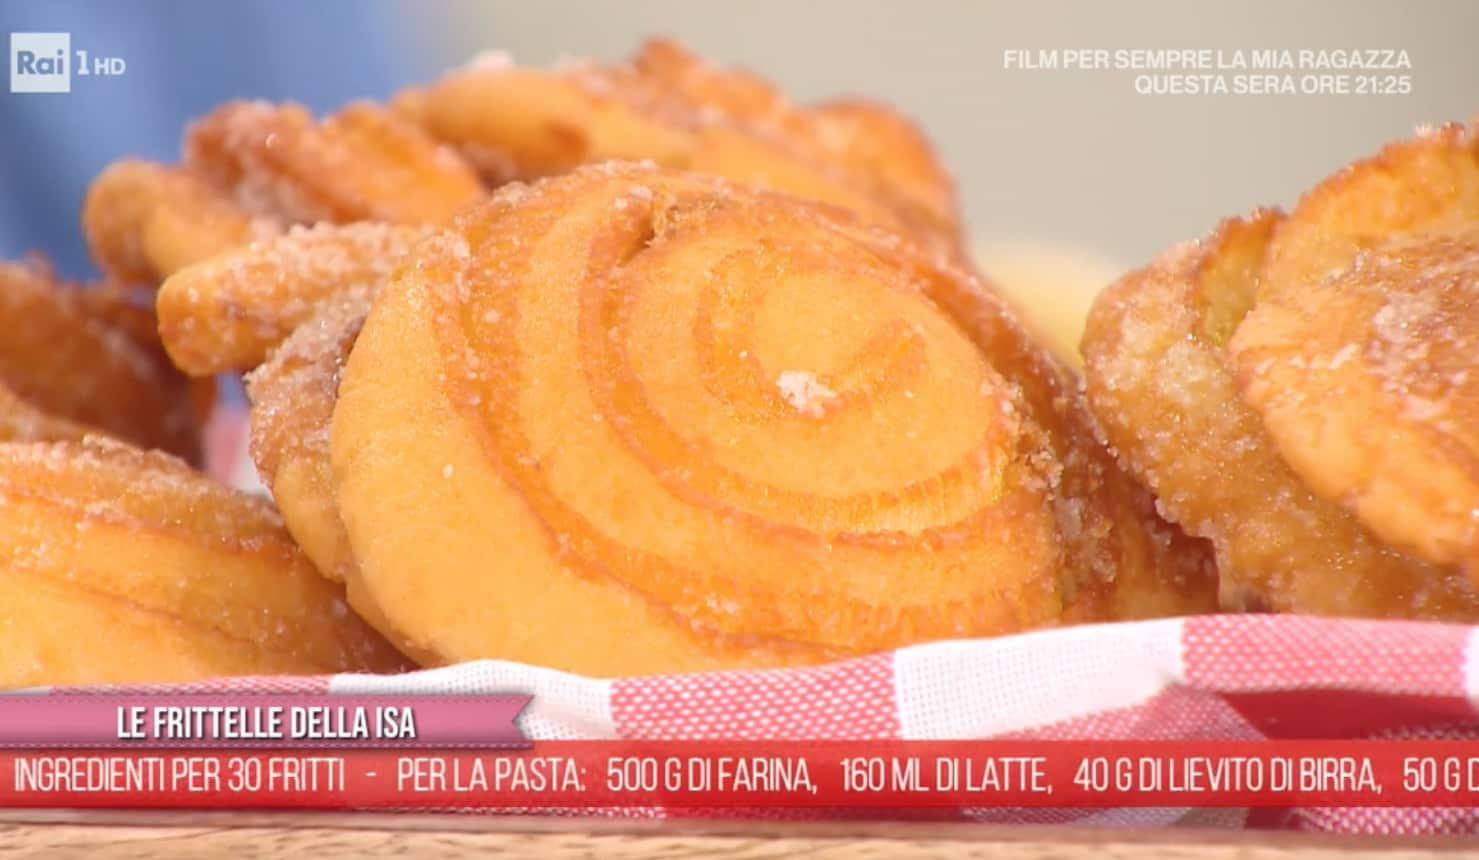 Frittelle della Isa, la ricetta di Carnevale di Zia Cri